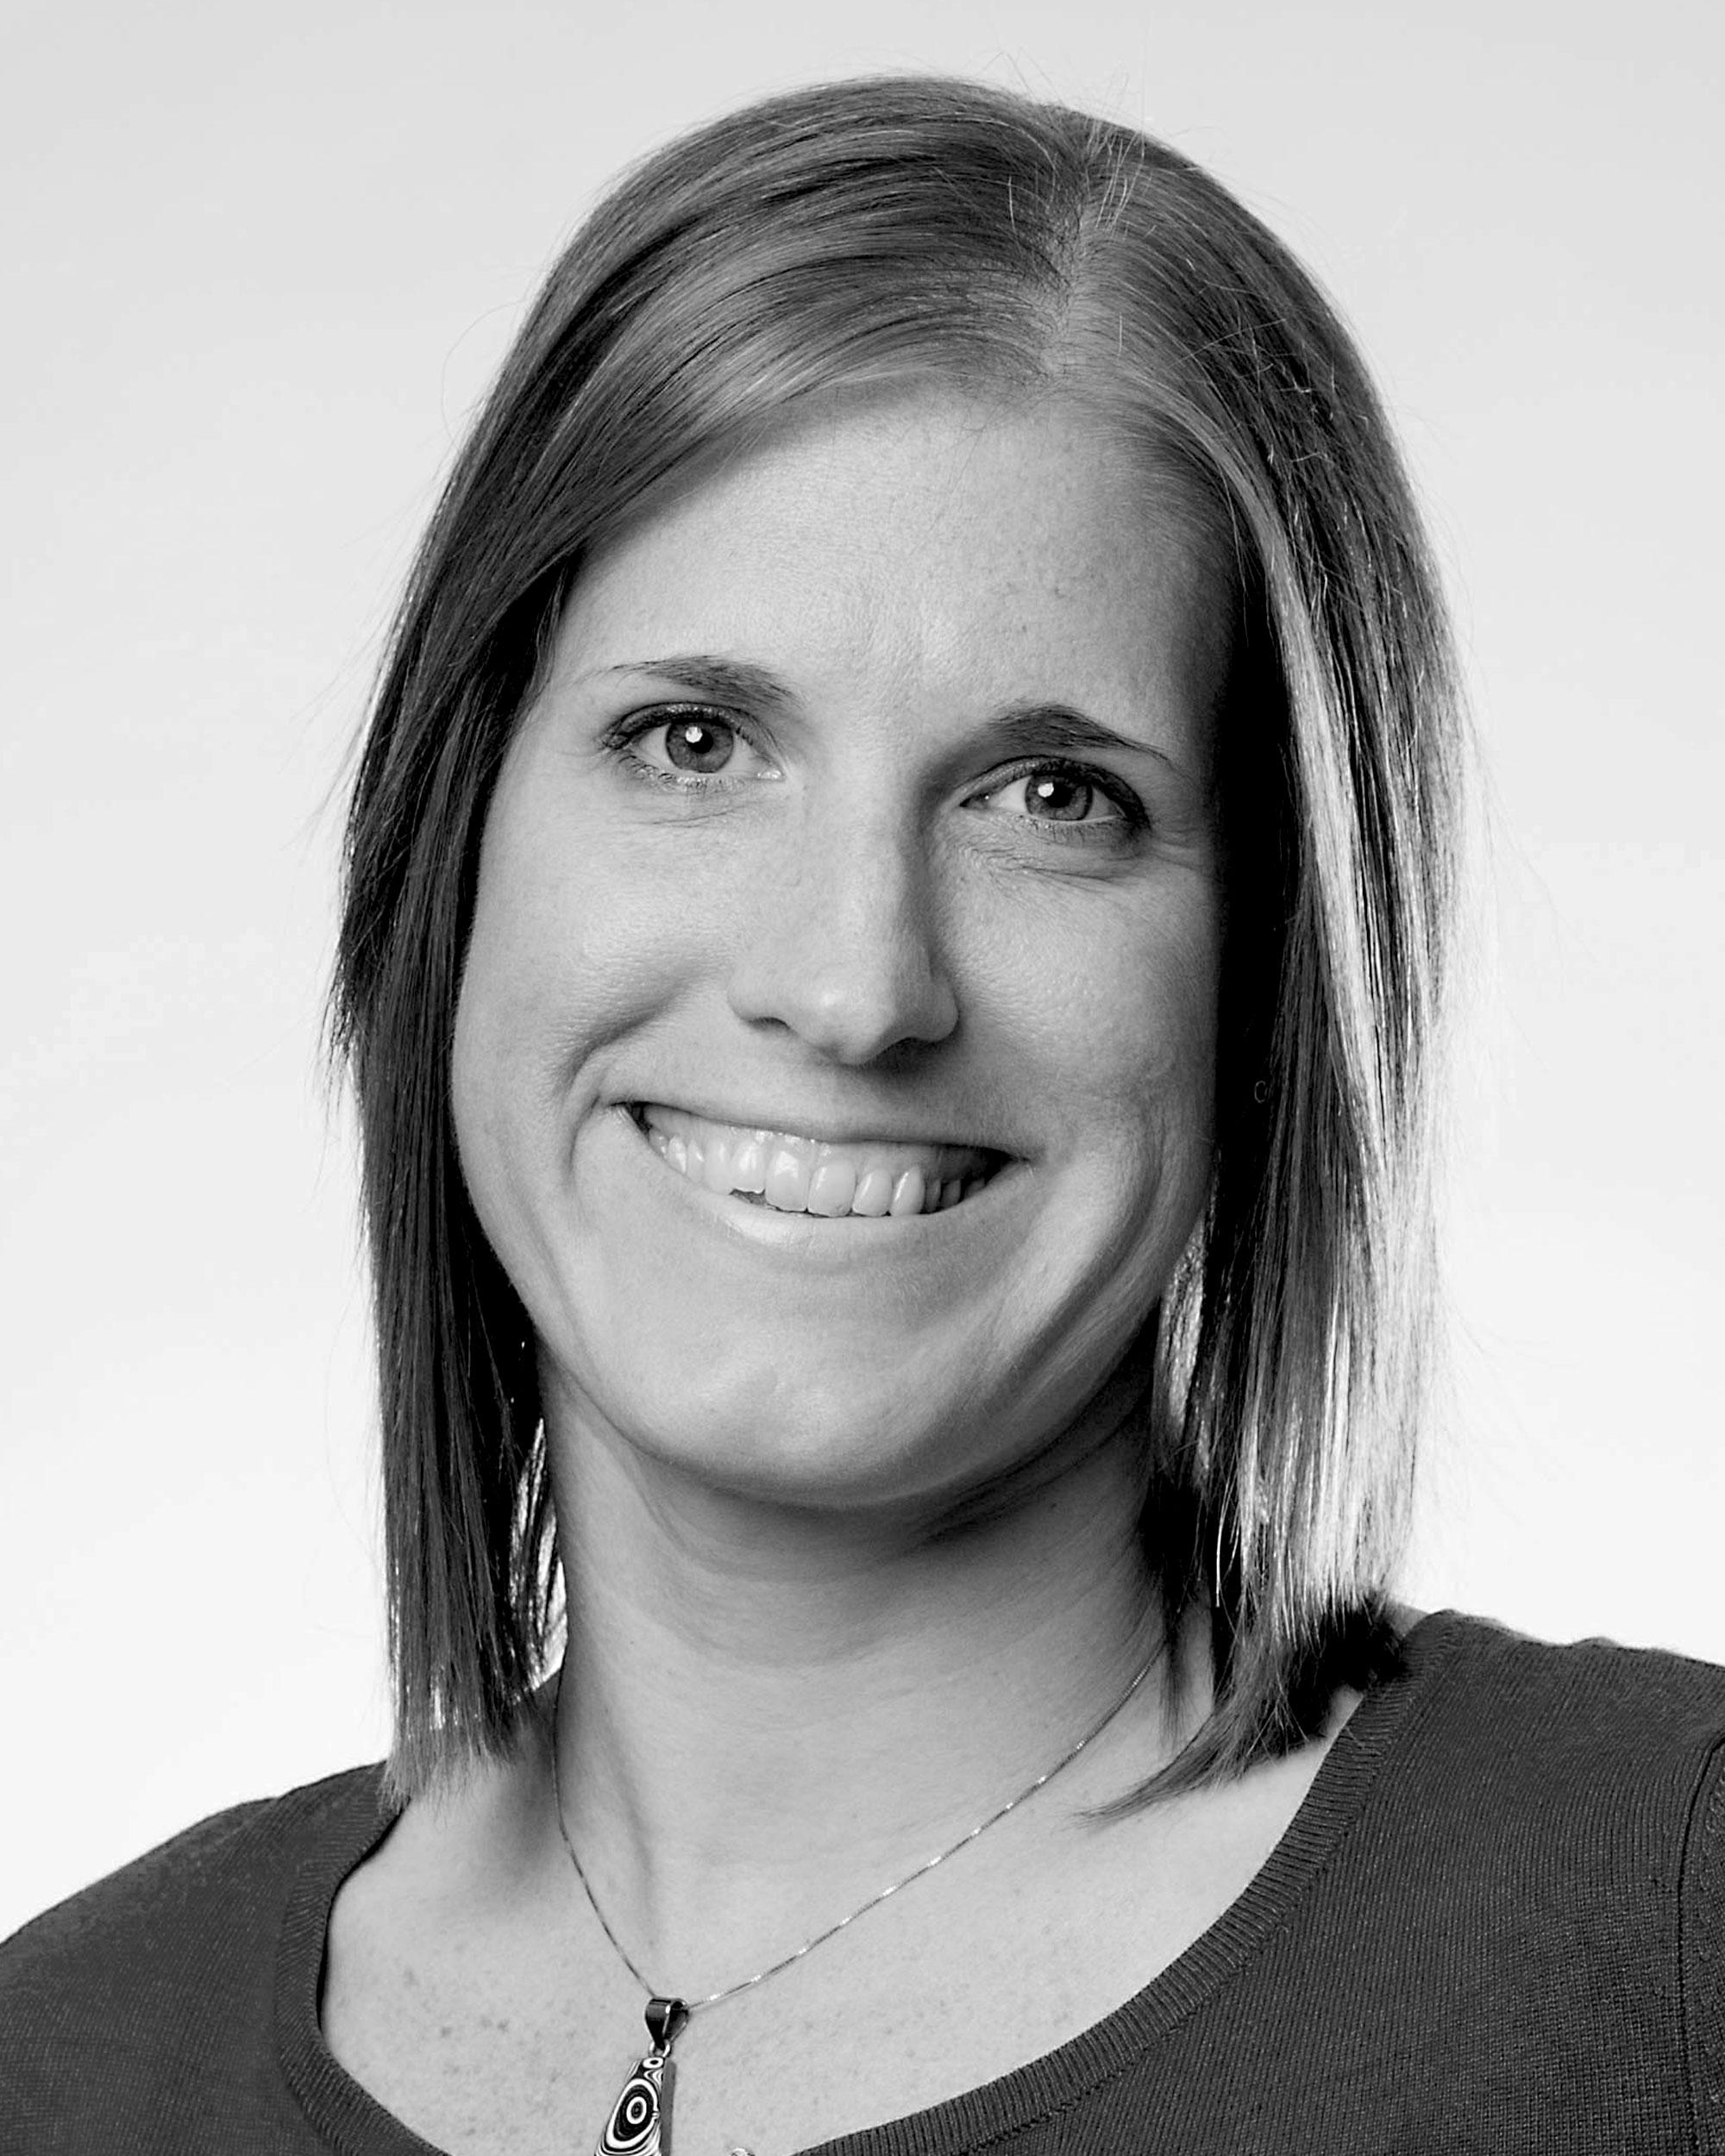 Headshot of Lisa Michela